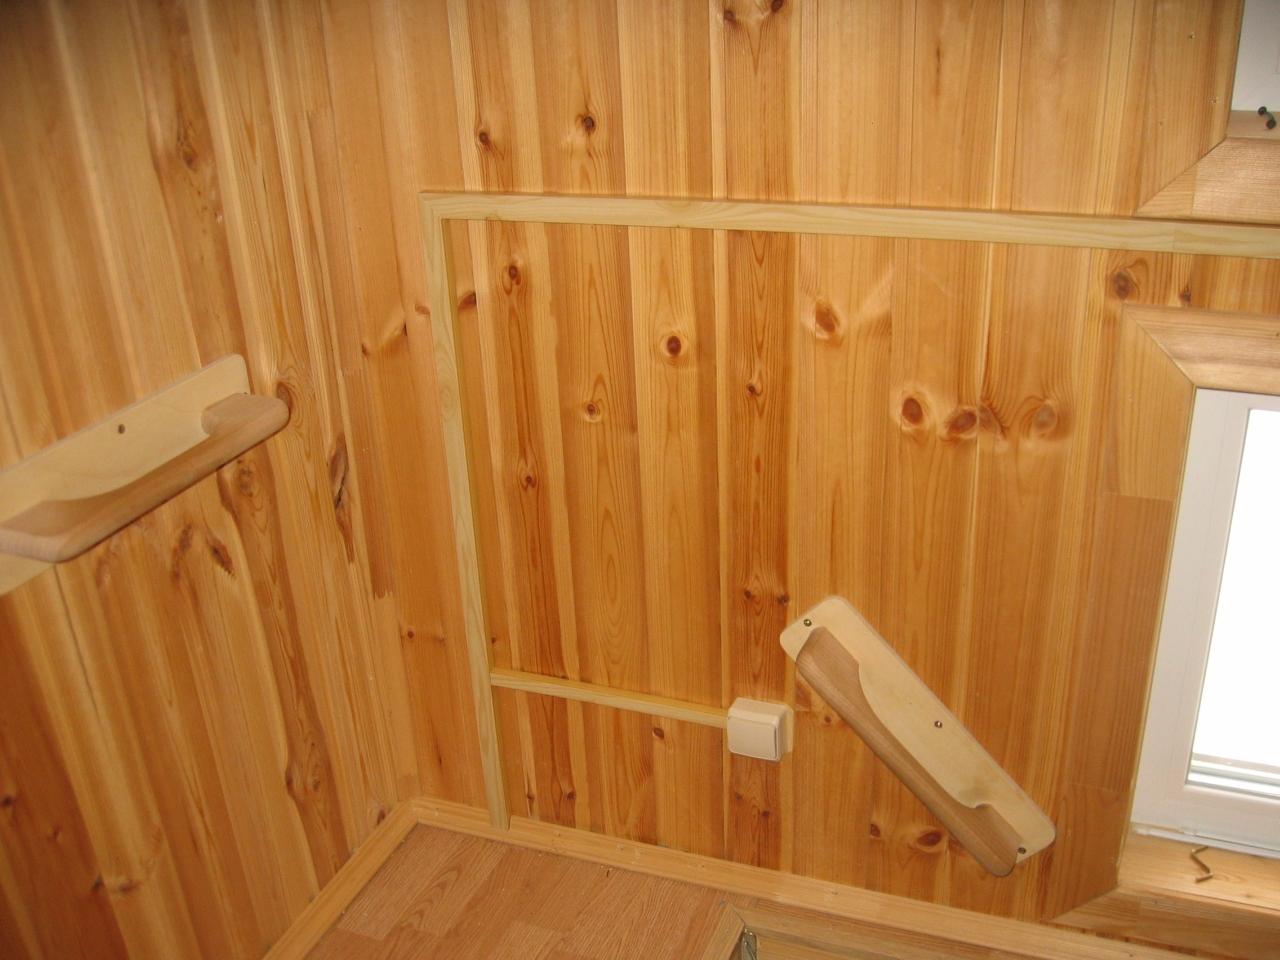 Деревянный дом. Монтаж в кабель-канале. Мансардный этаж. Вход.